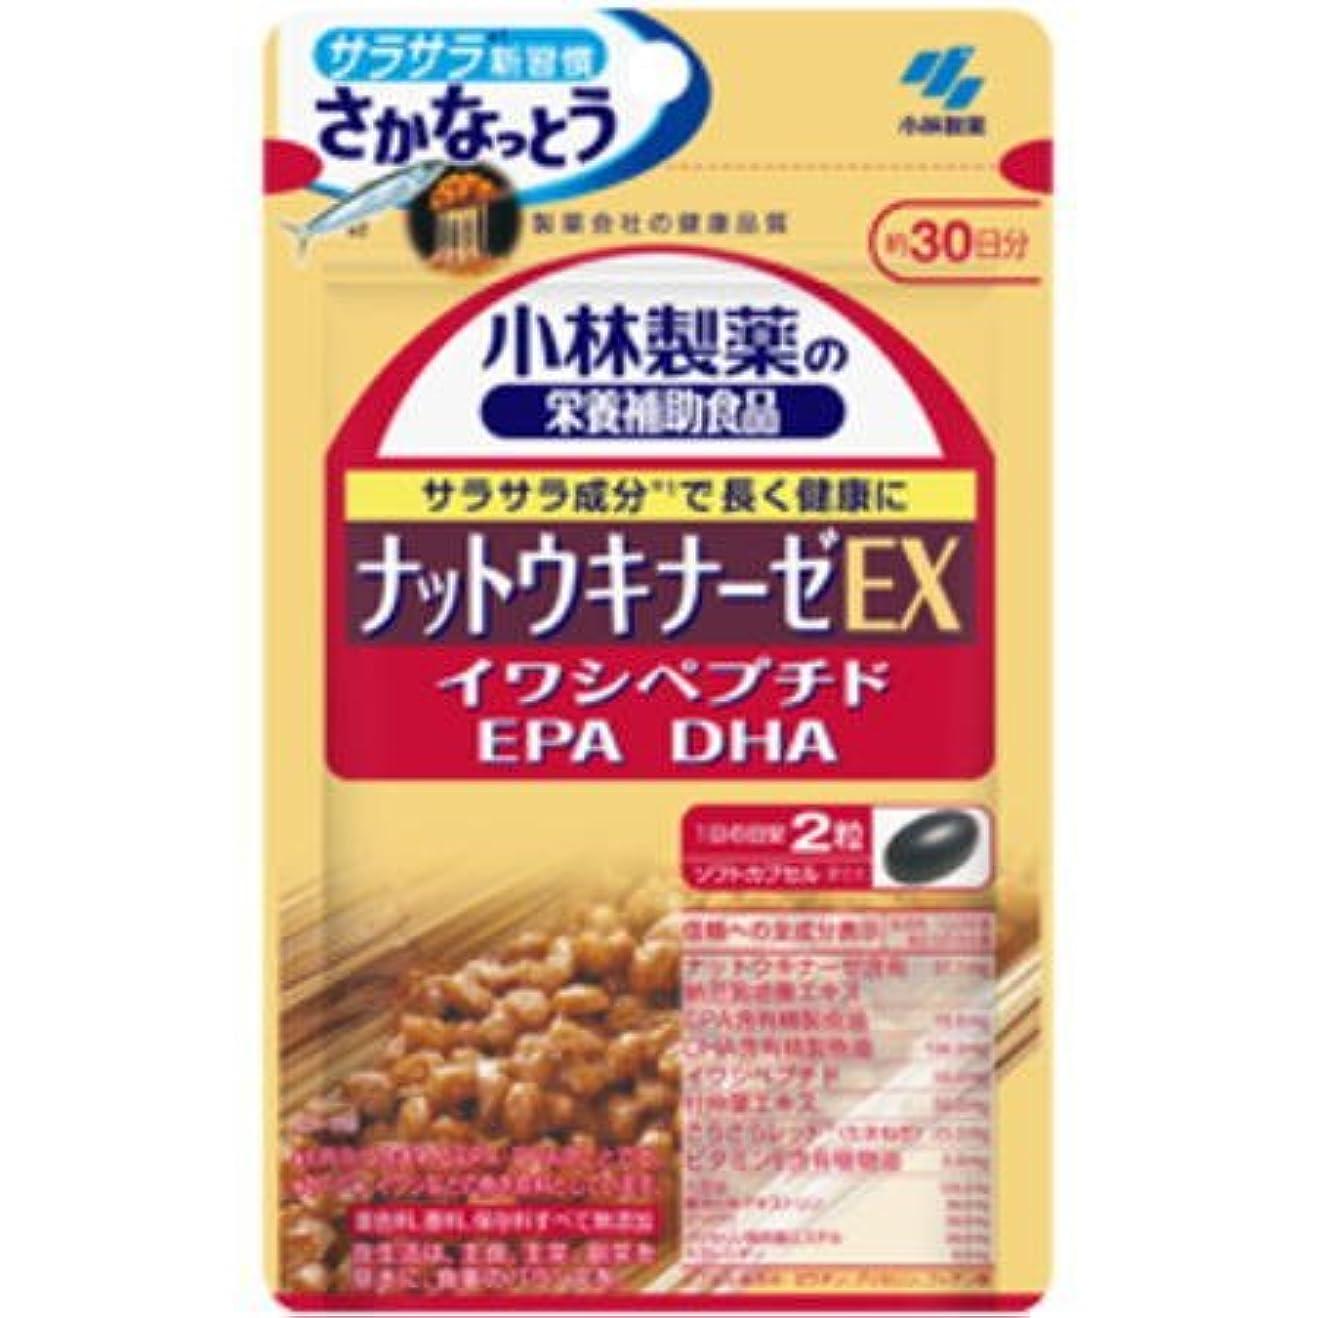 ブート伝統突破口【小林製薬】ナットウキナーゼEX 60粒(お買い得3個セット)